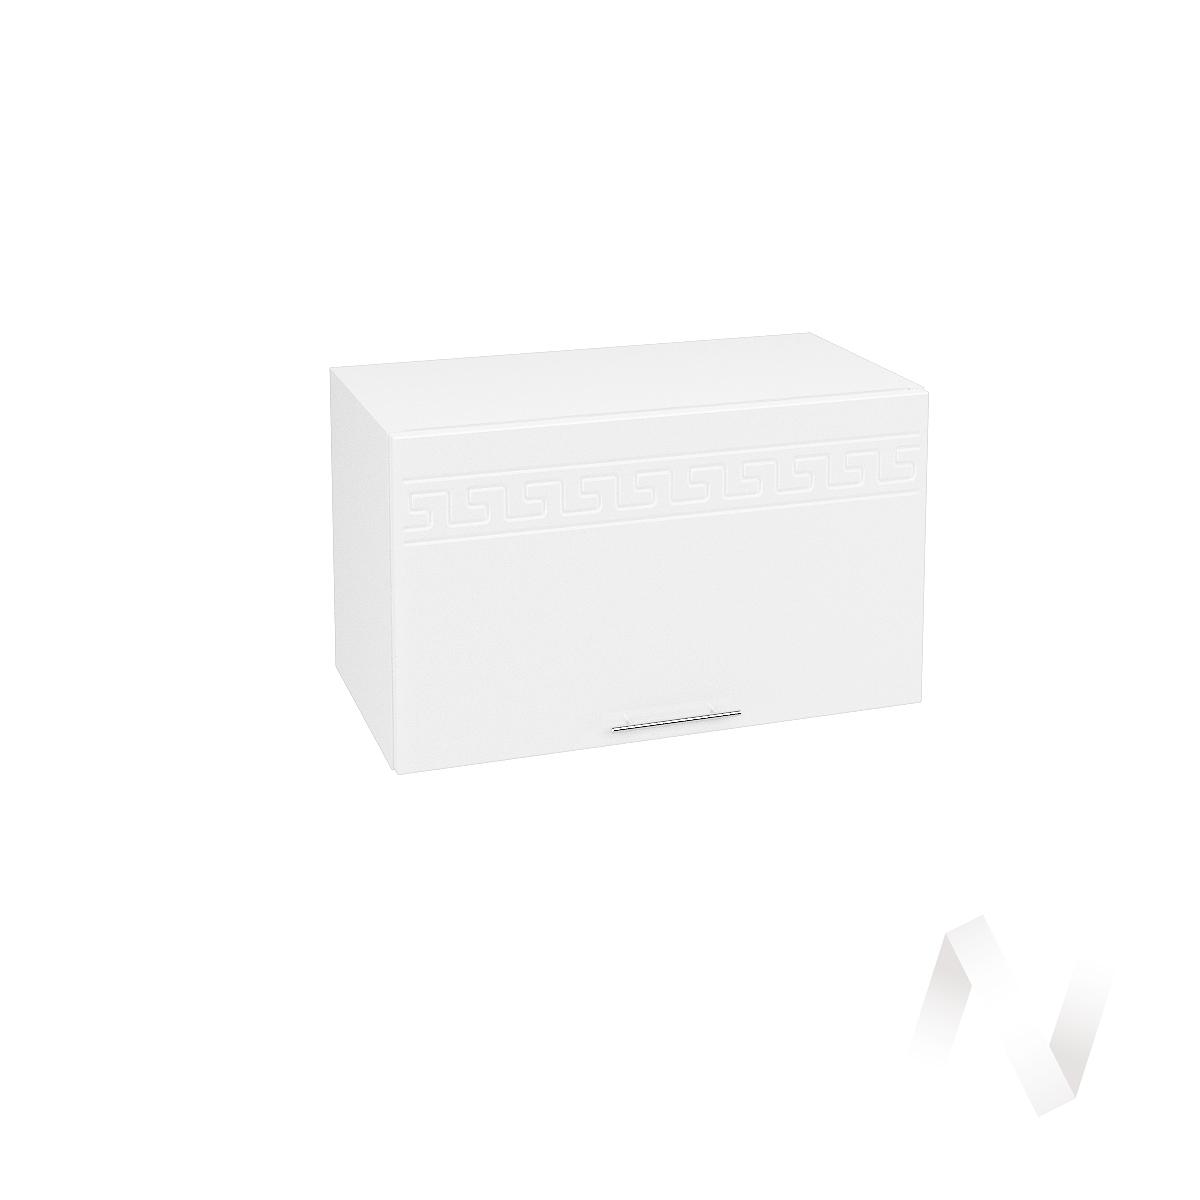 """Кухня """"Греция"""": Шкаф верхний горизонтальный 600, ШВГ 600 (белый металлик/корпус белый)  в Новосибирске - интернет магазин Мебельный Проспект"""